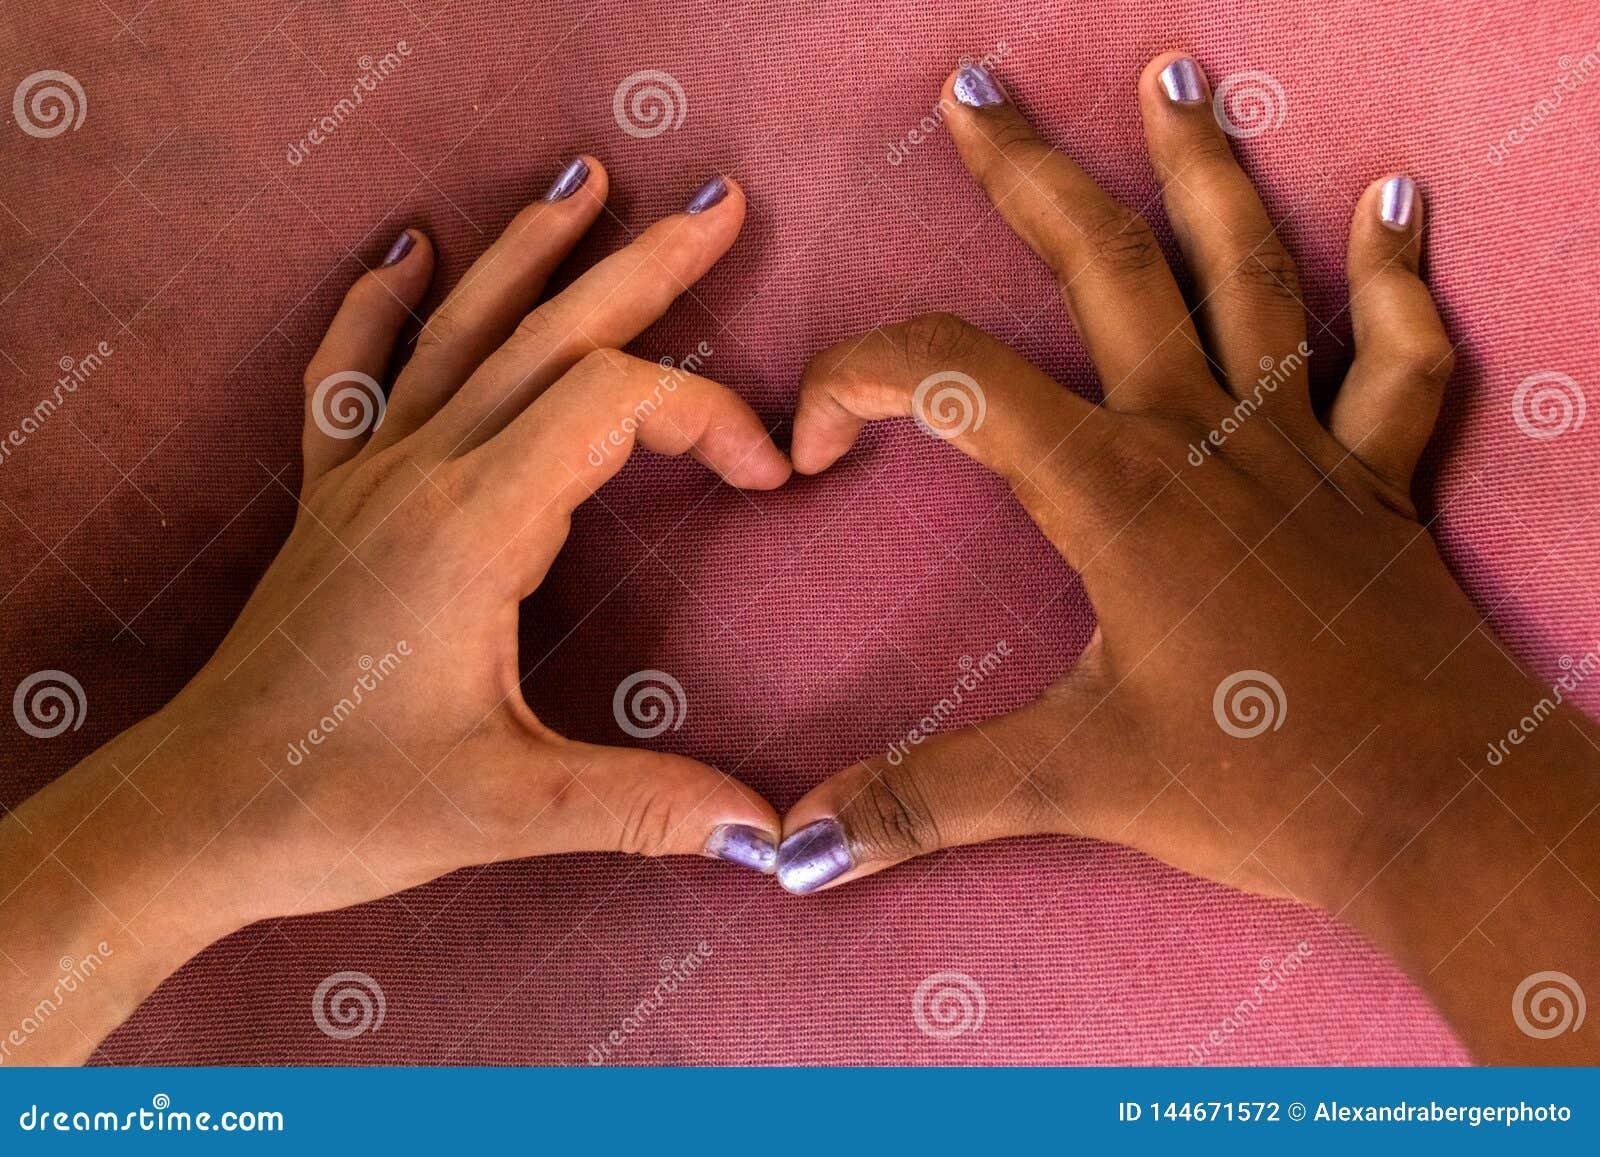 Las manos blancas y negras de novias forman un corazón de fingeres contra racismo